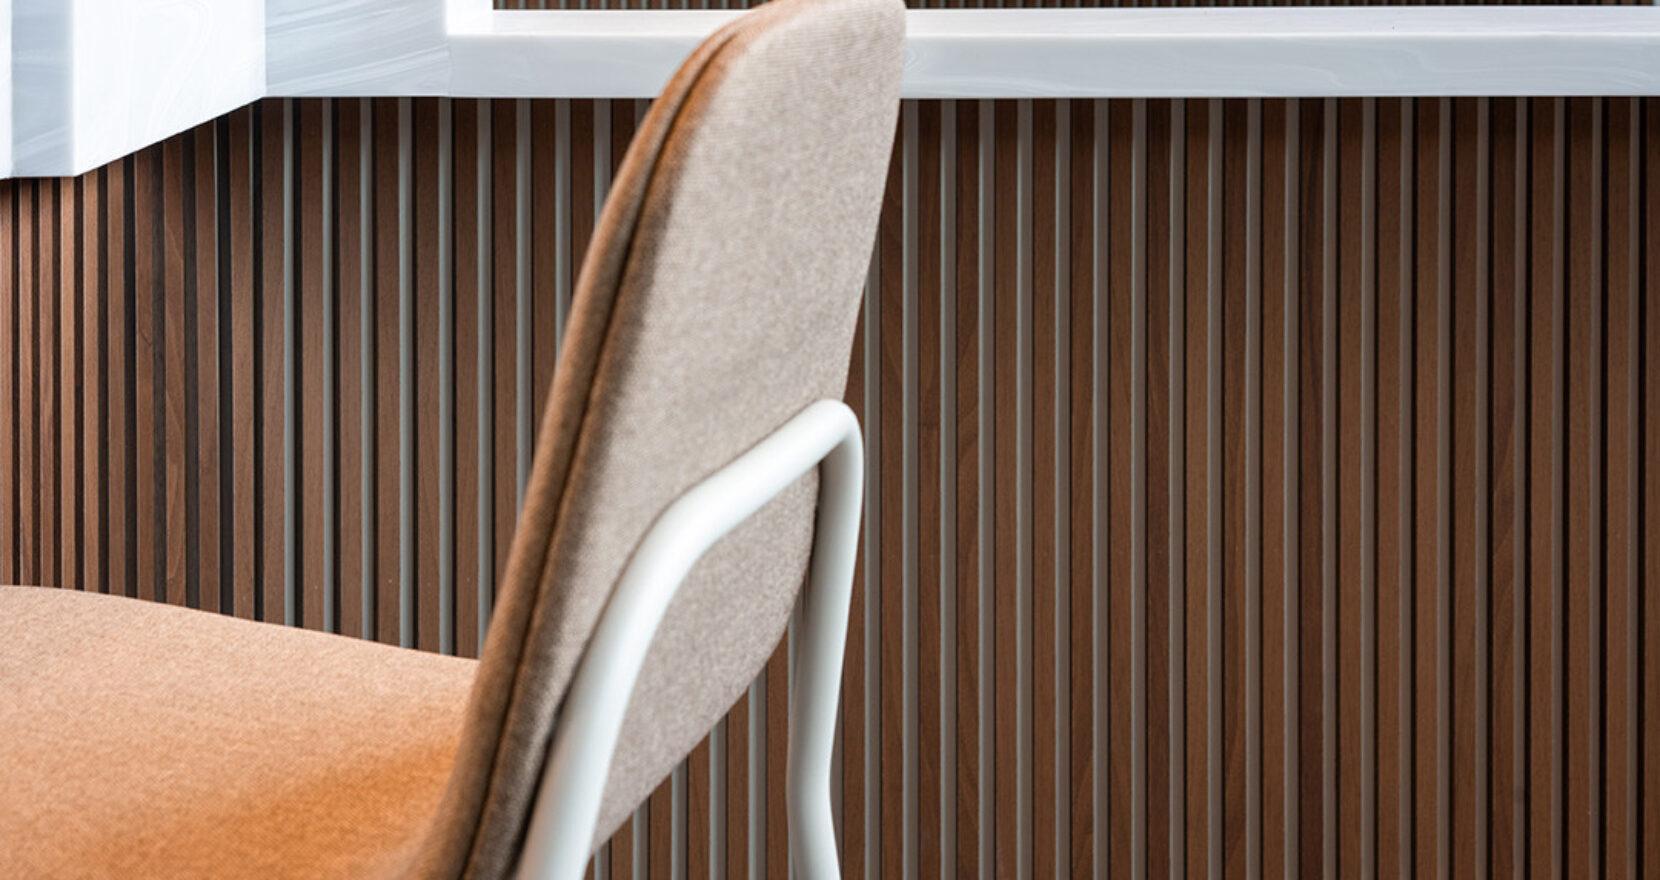 The Rise Nick Bookelaar Siren Chair